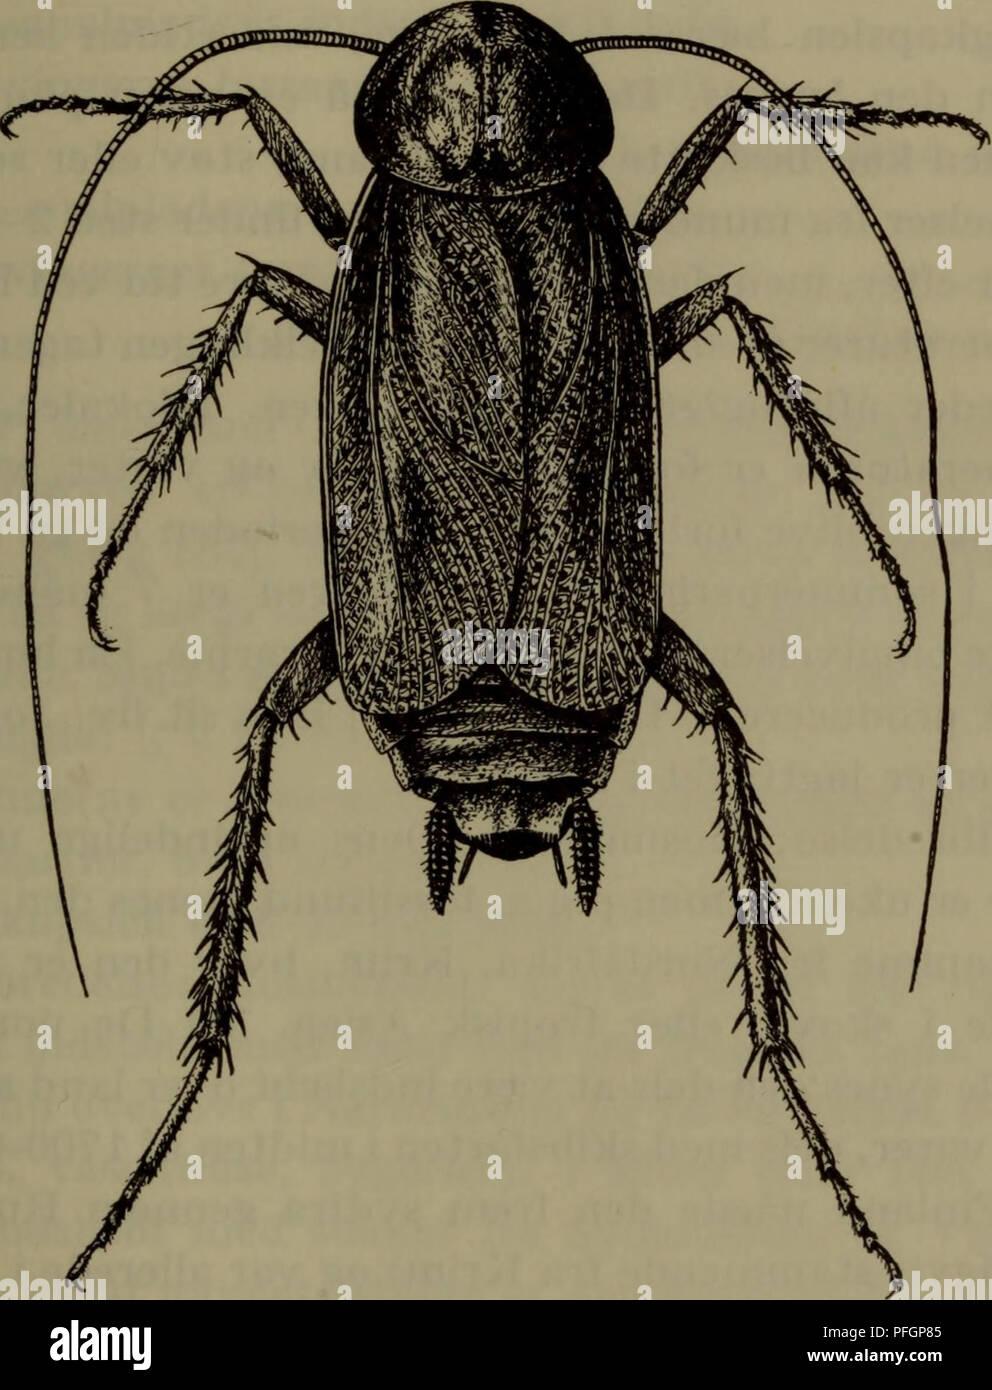 9d9ca329 Danmarks fauna; illustrerede haandbøger over den danske dyreverden... 29 B,  .